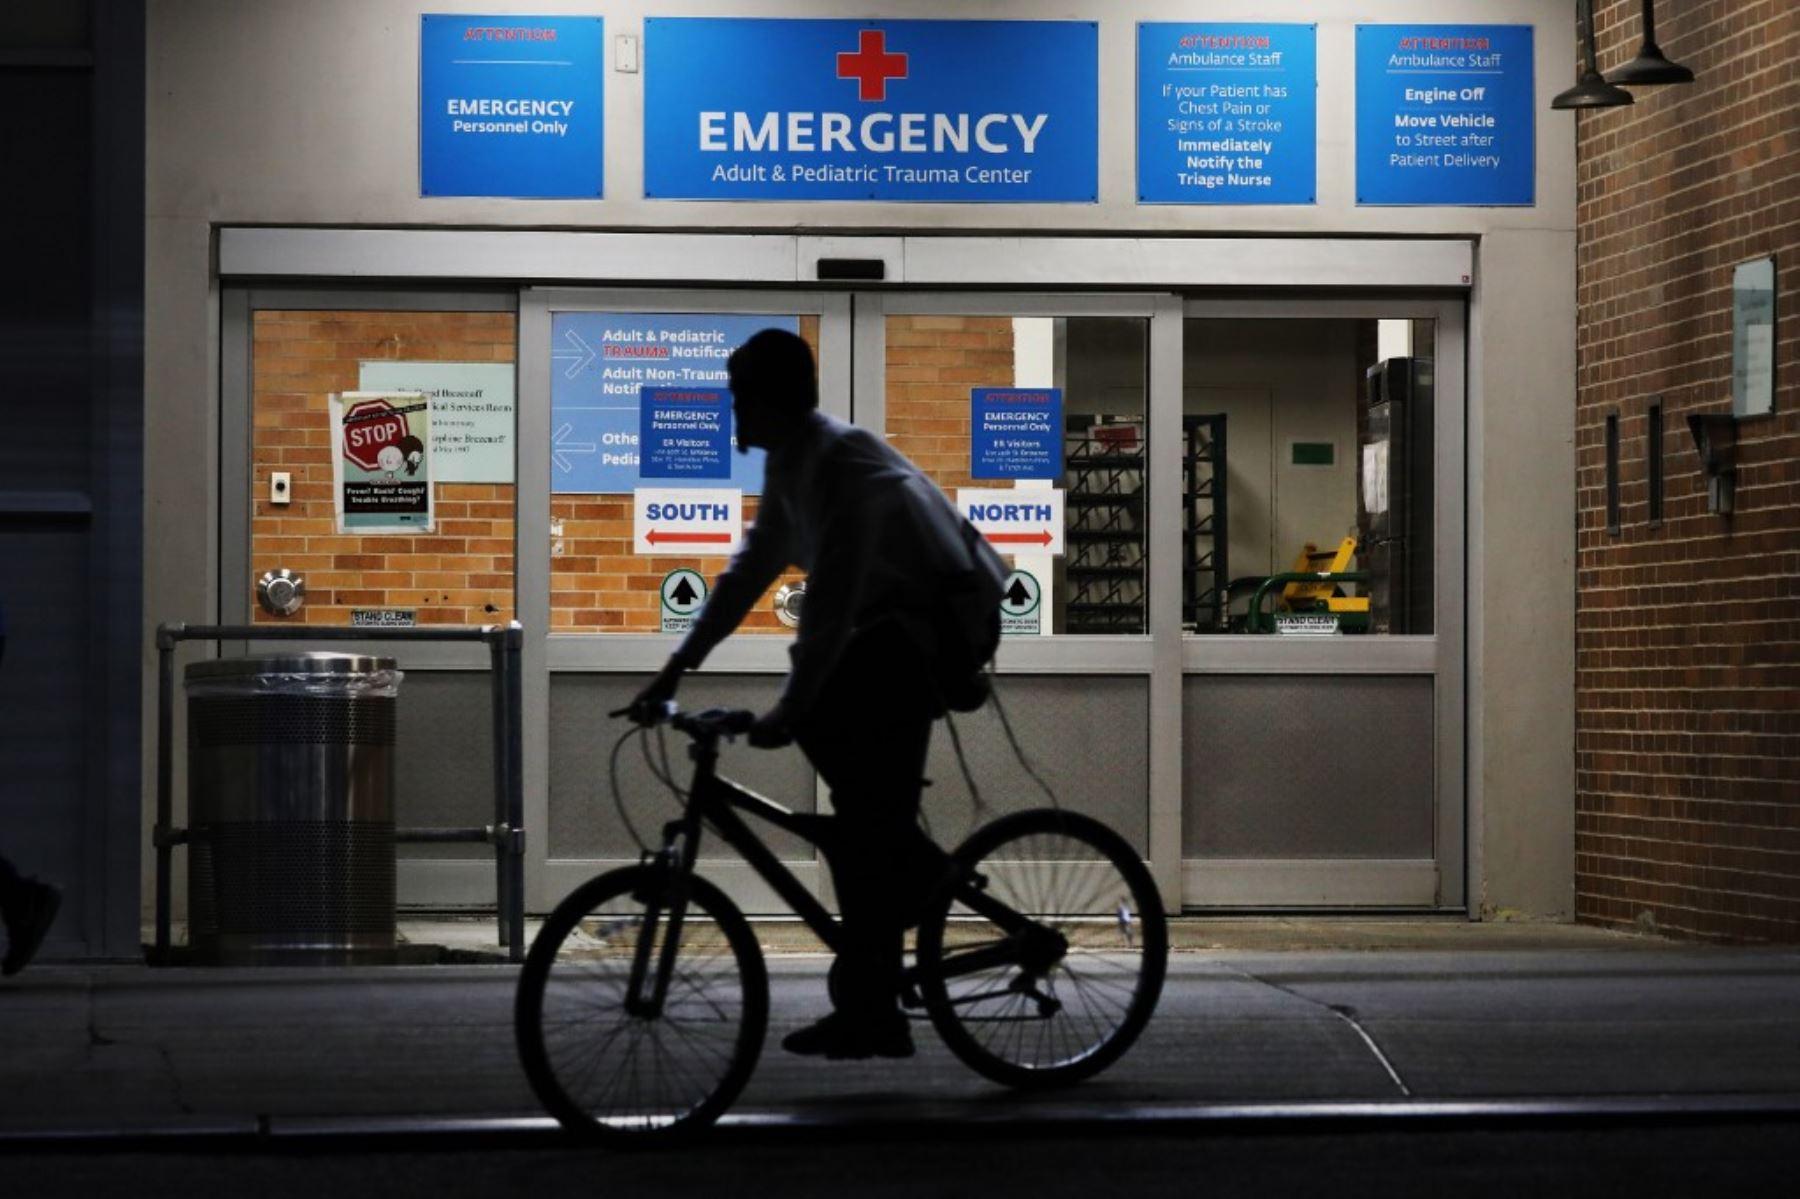 Una persona transita con su bicicleta por los exteriores  del Centro Médico Maimonides en el vecindario Borough Park del distrito de Brooklyn de la ciudad de Nueva York. Foto: AFP